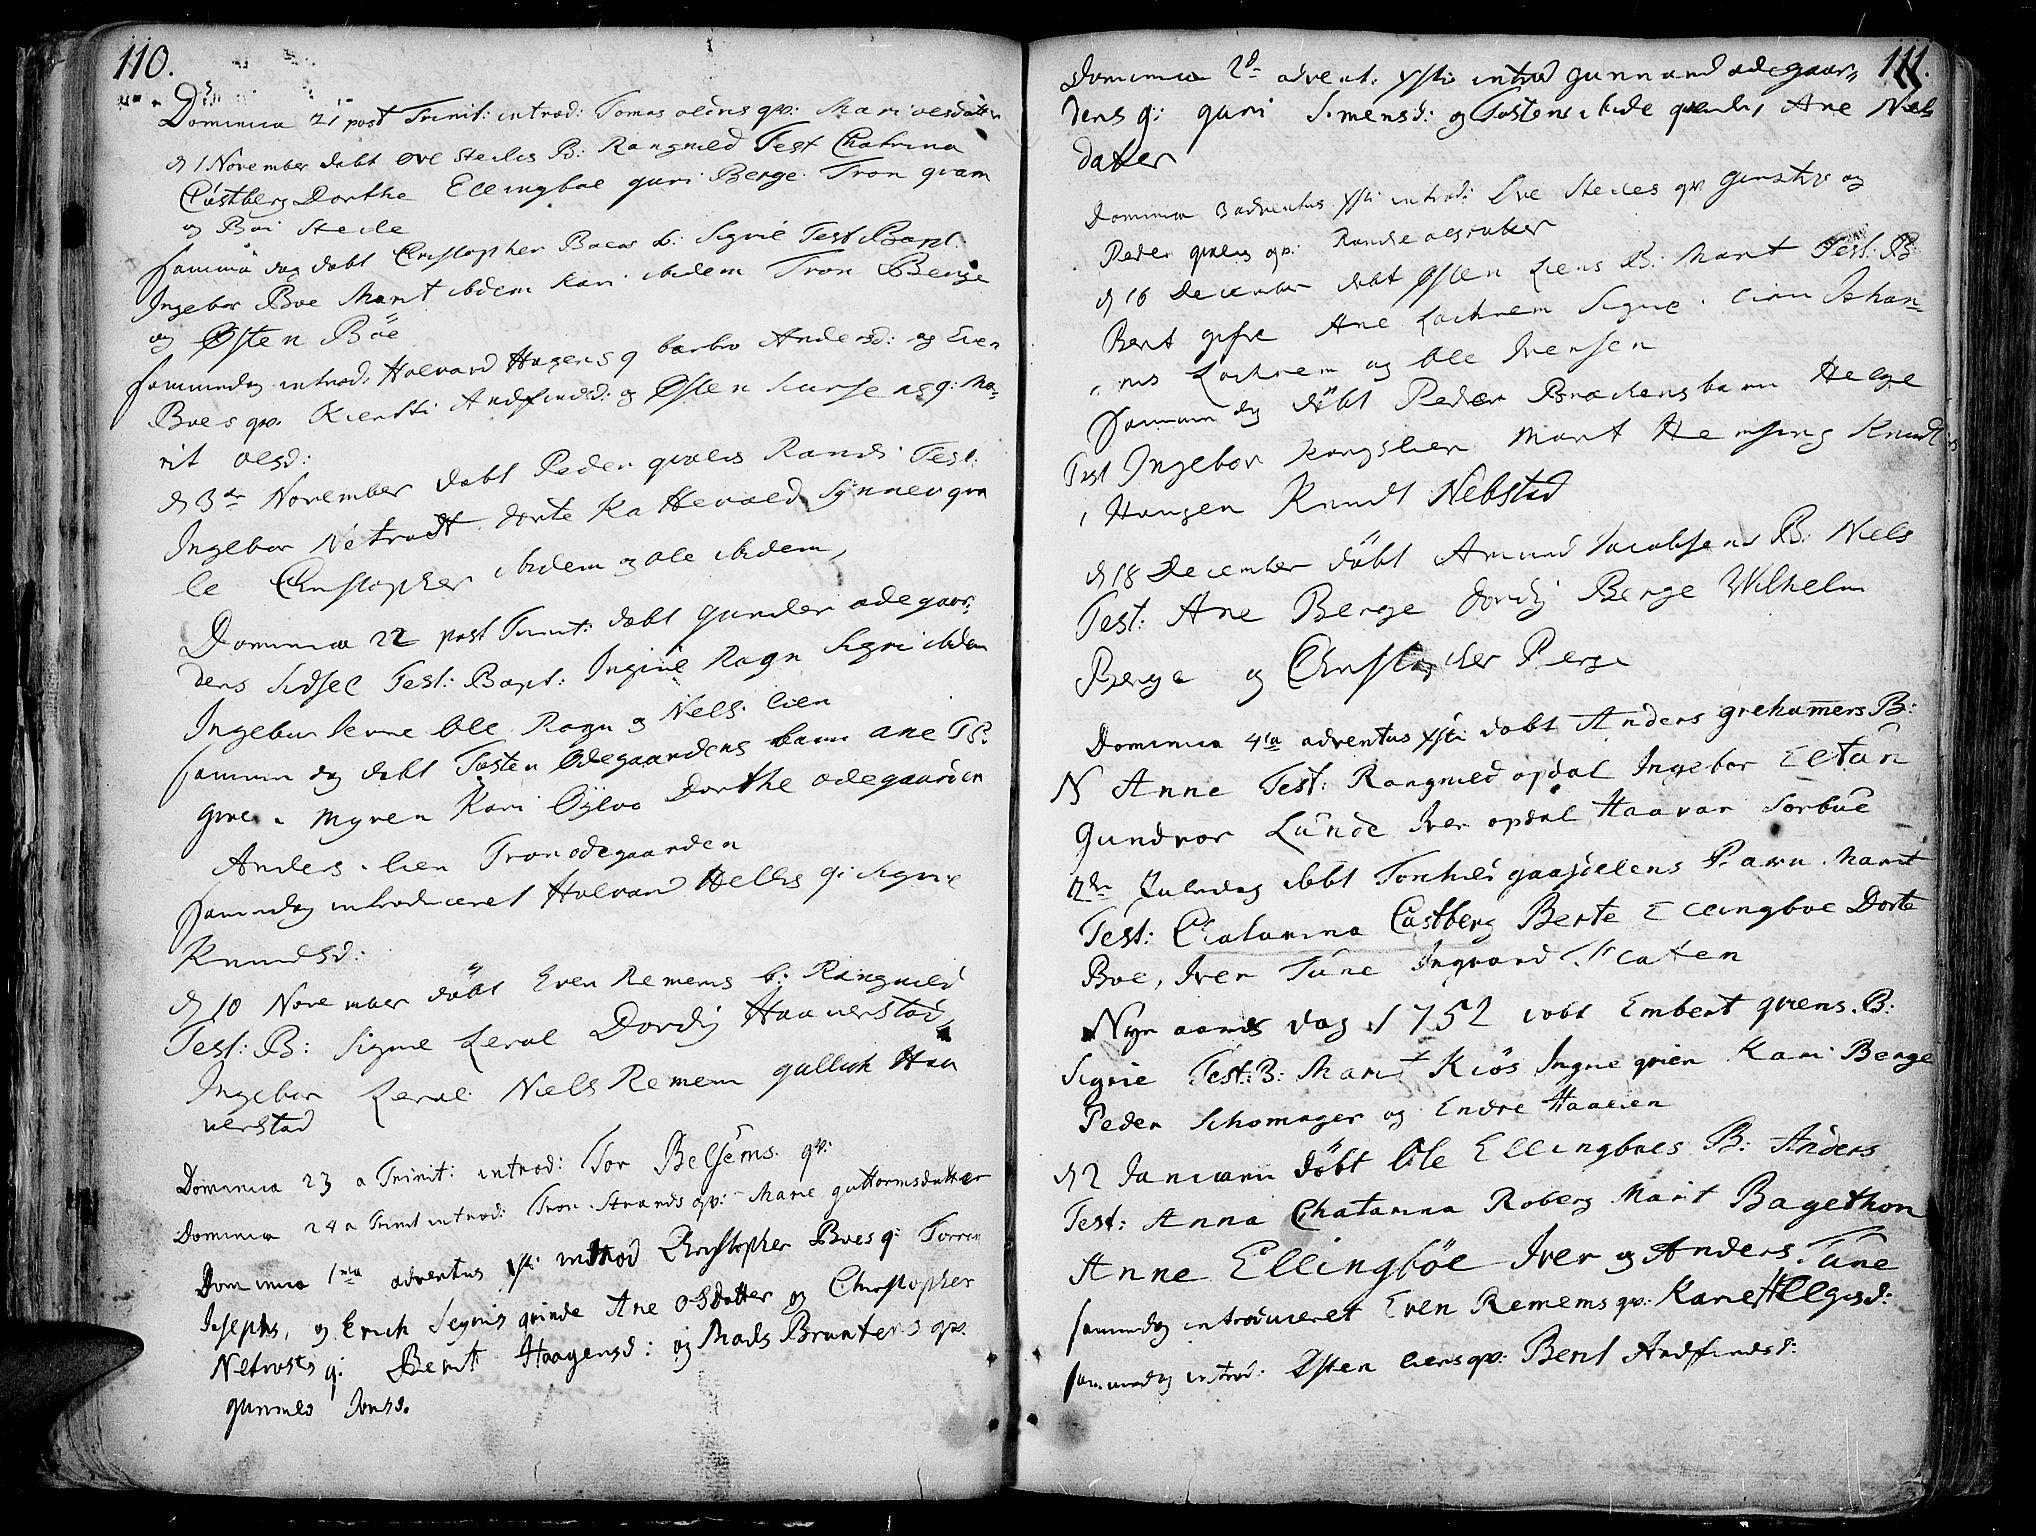 SAH, Vang prestekontor, Valdres, Ministerialbok nr. 1, 1730-1796, s. 110-111